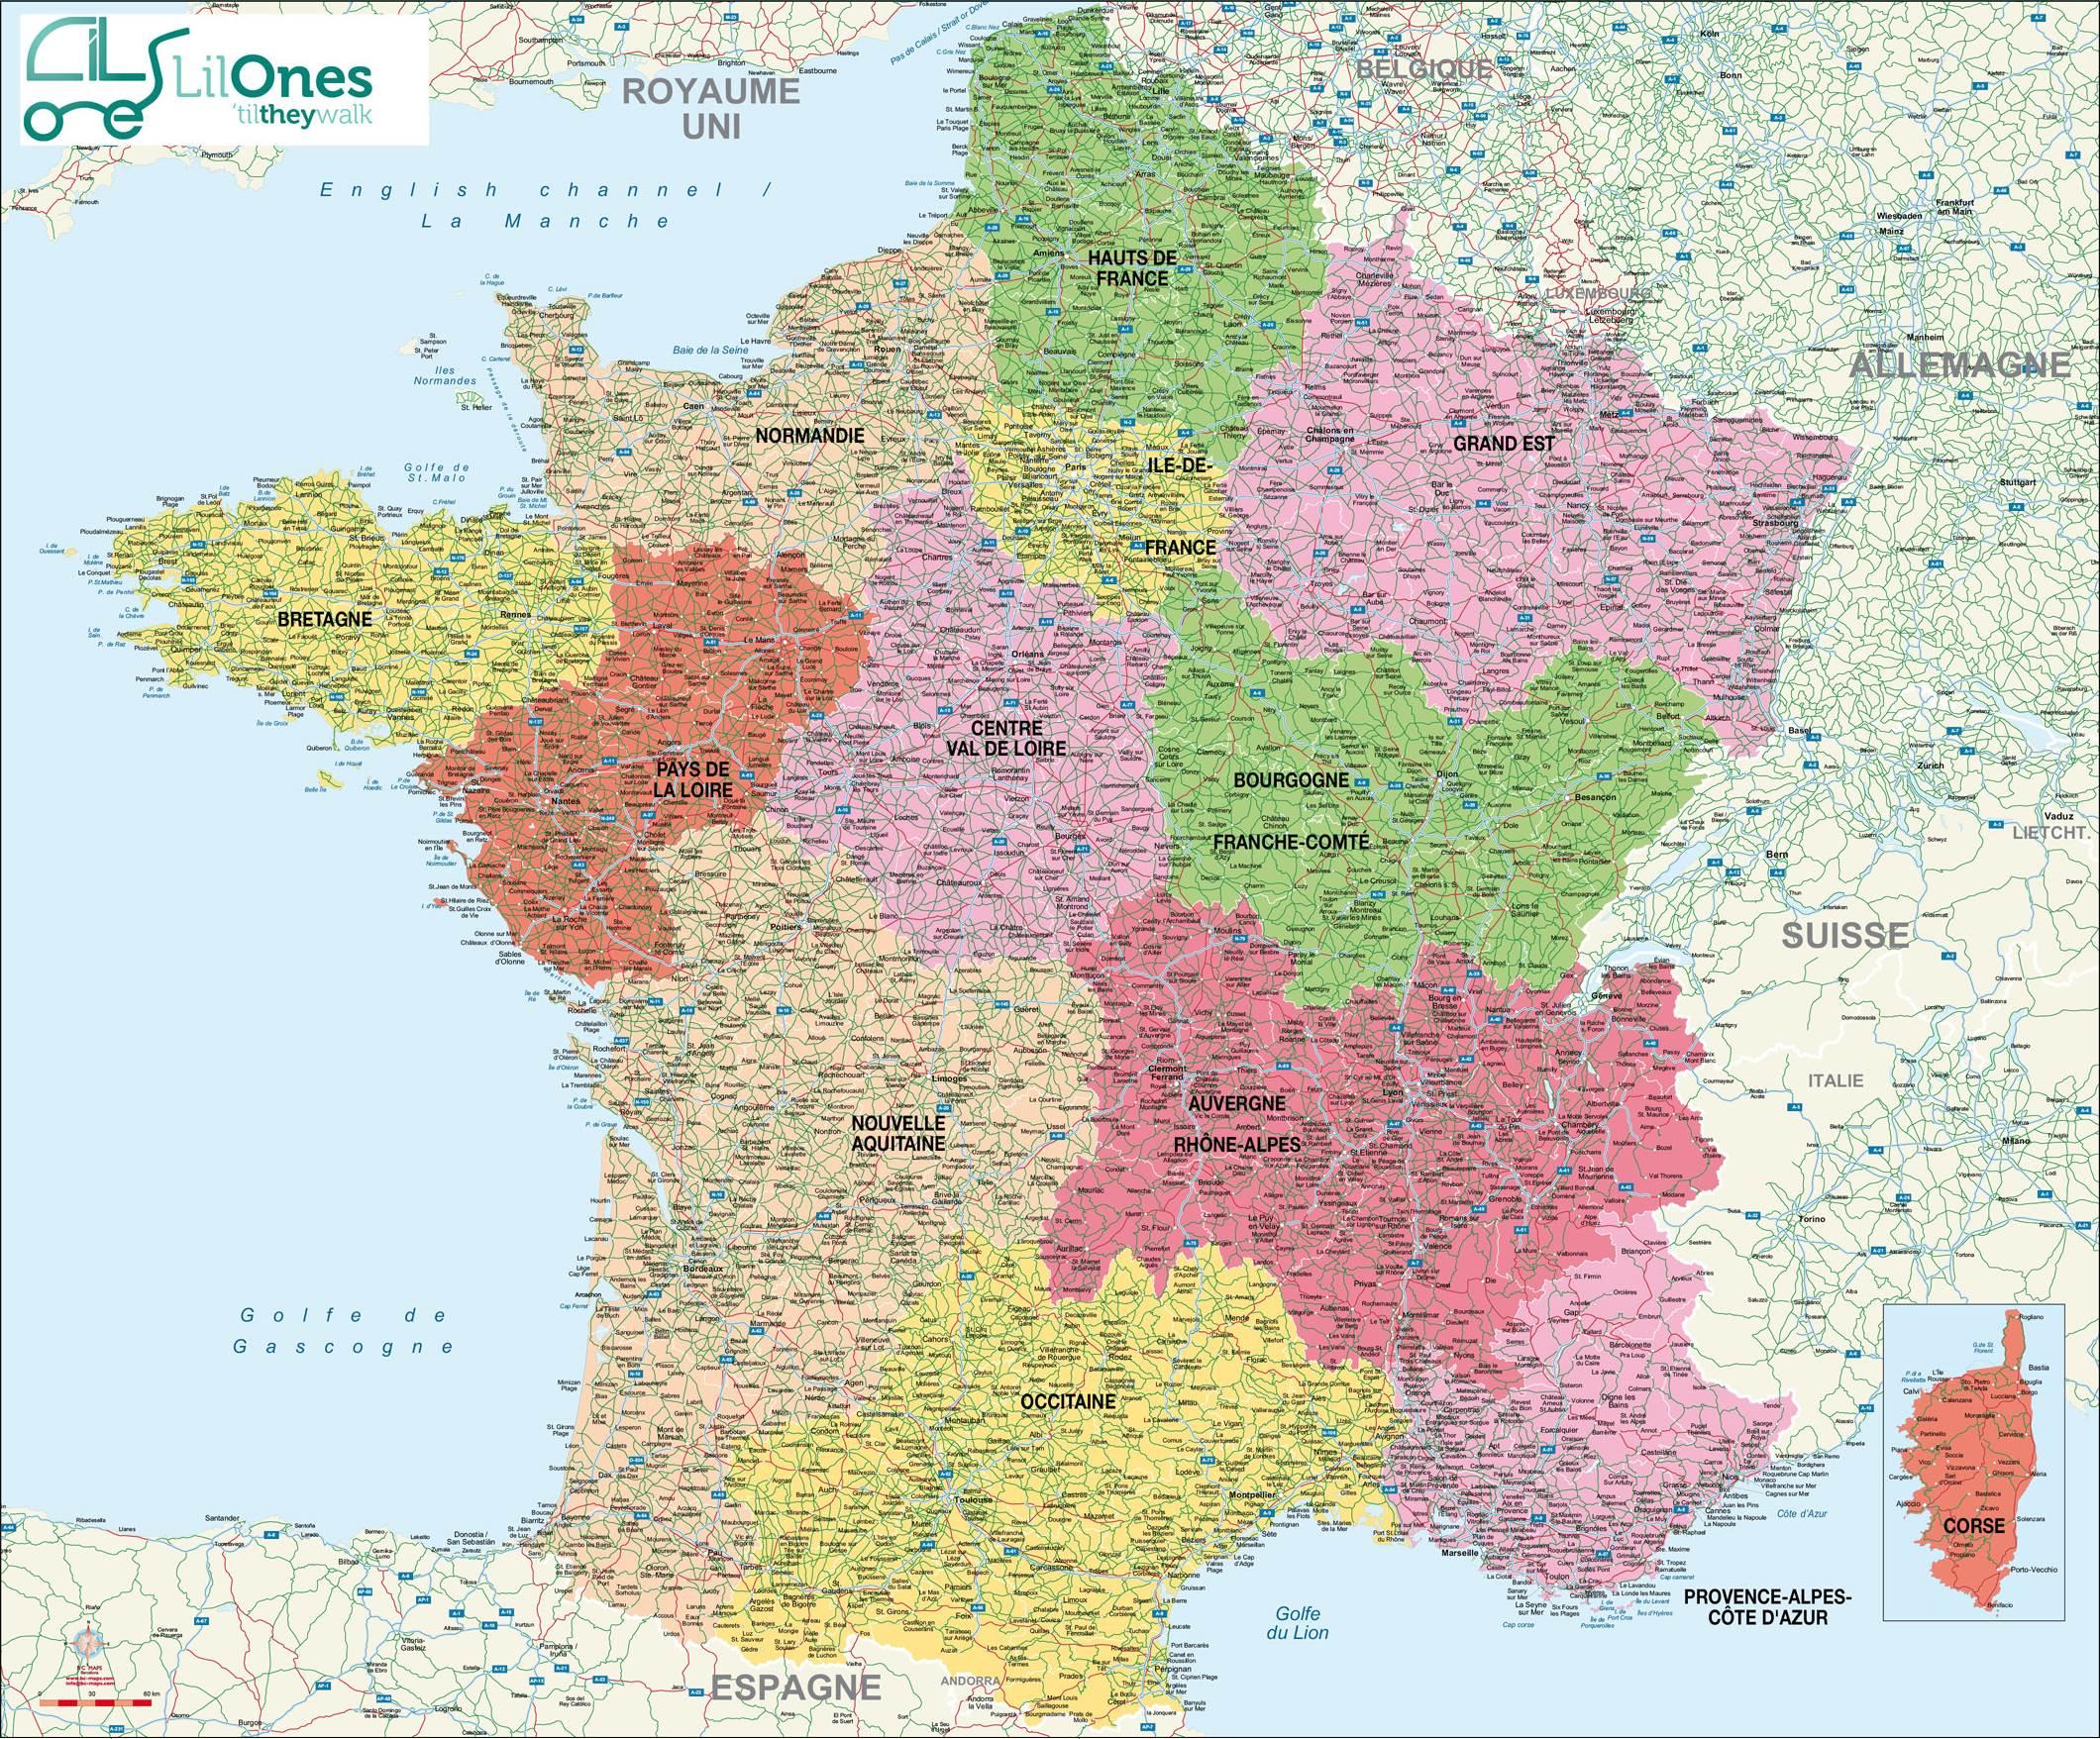 Cartes De France : Cartes Des Régions, Départements Et tout Image Carte De France Avec Departement